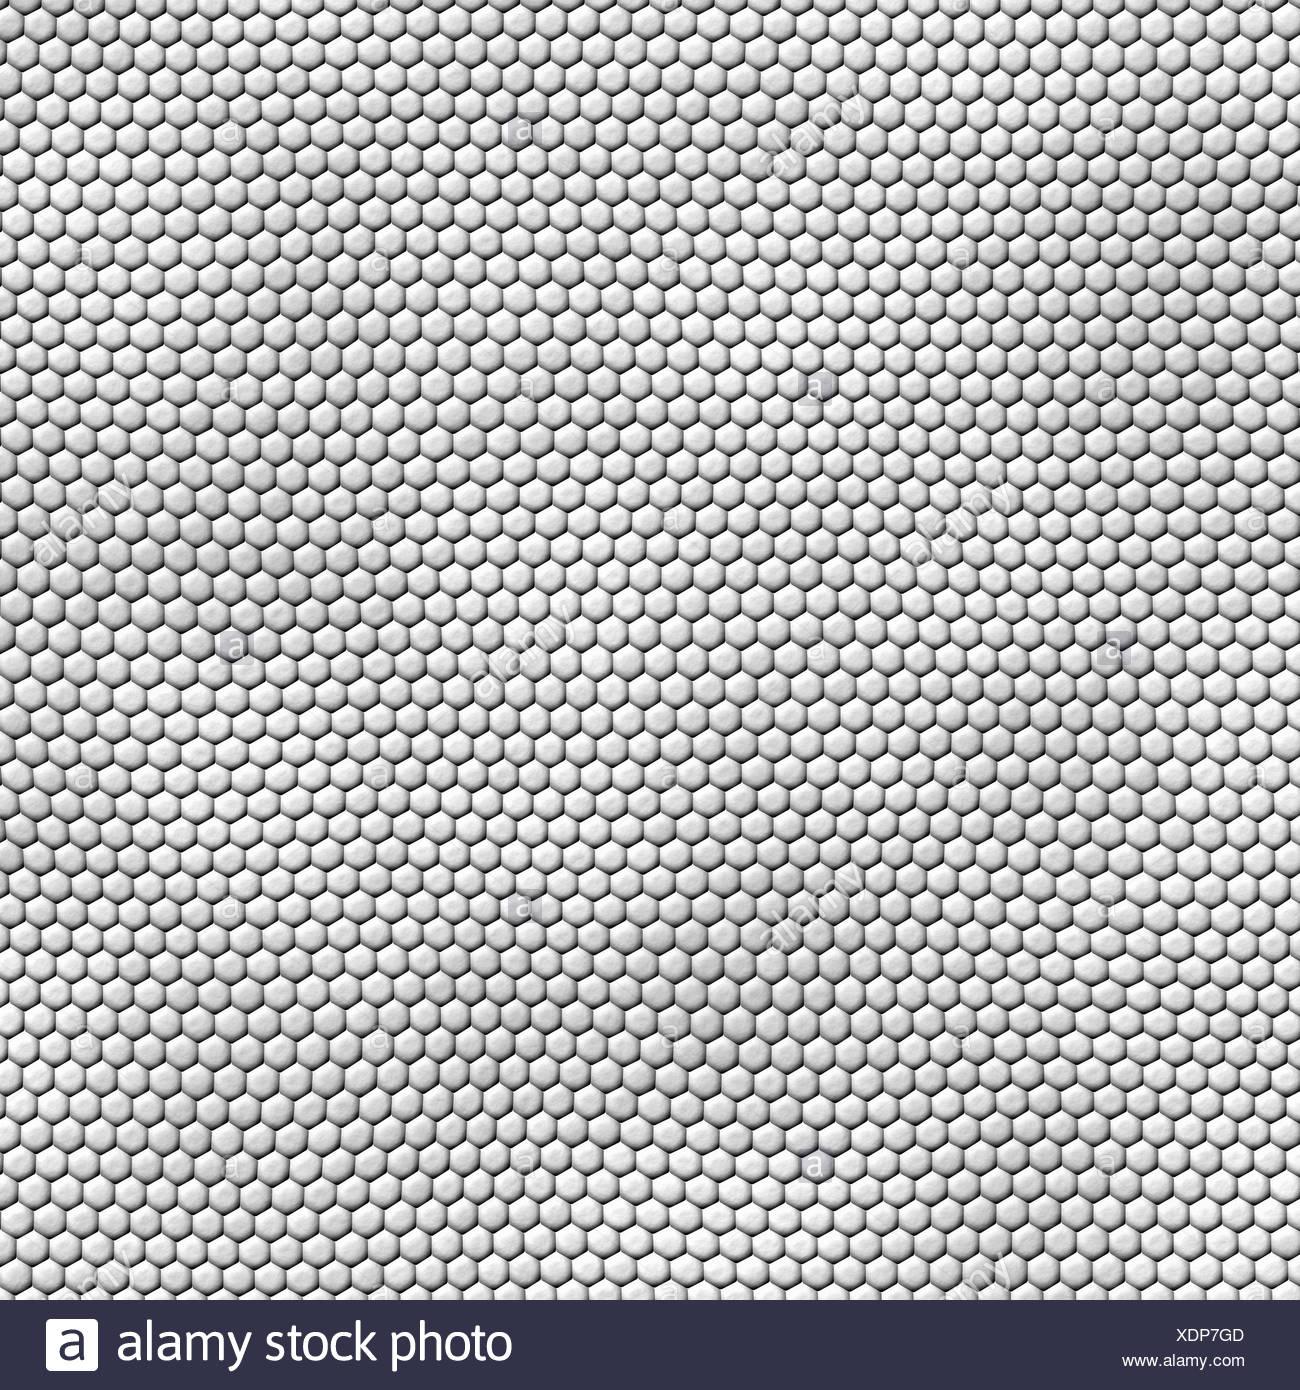 Snakeskin Texture Imágenes De Stock & Snakeskin Texture Fotos De ...